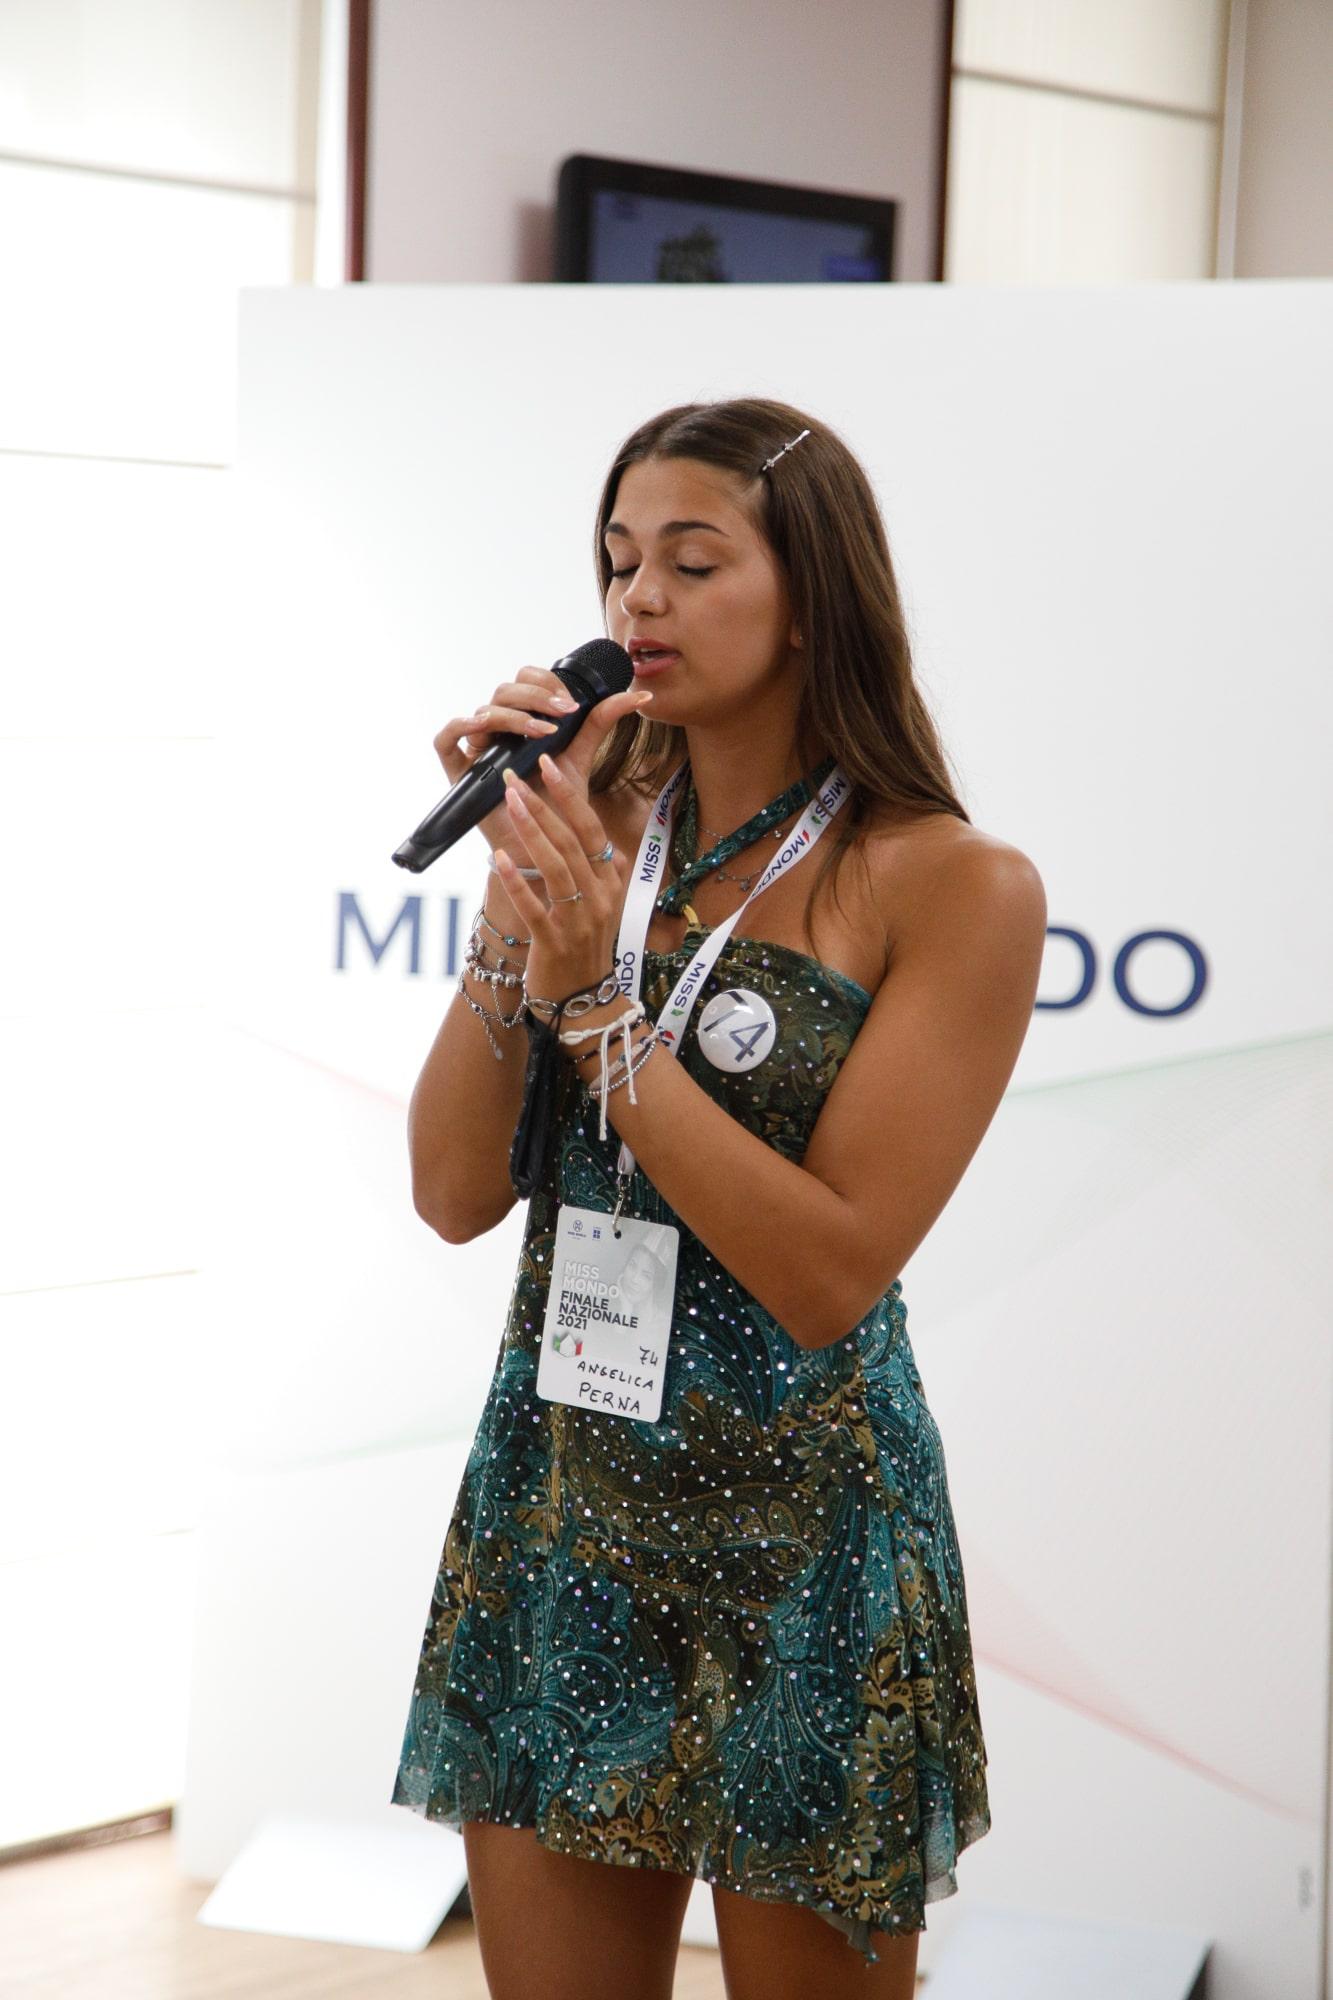 Finale nazione Miss Mondo Italia 2021 Audizione Talent 3 - 8